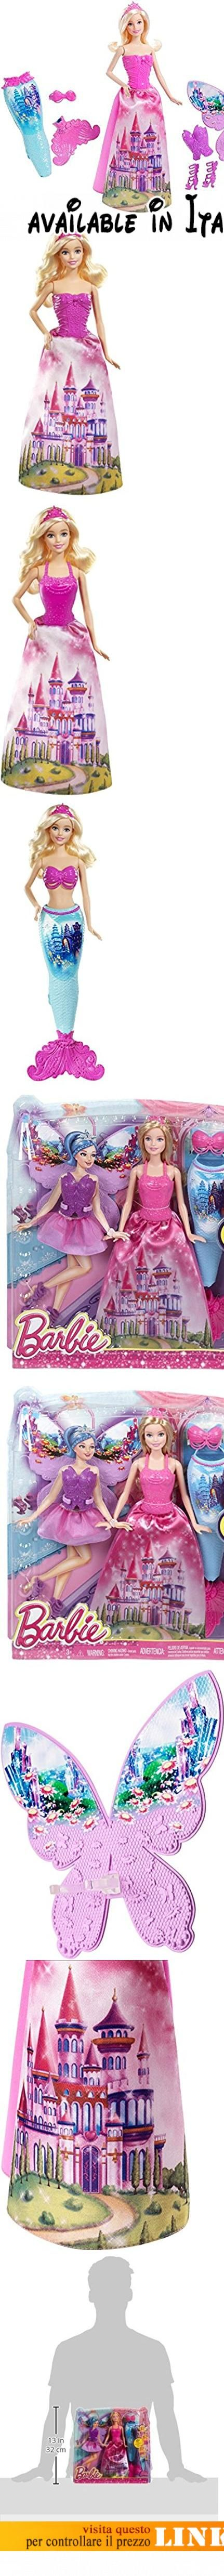 Barbie CFF48 - Mix & Match Personaggi, Deluxe. Include una bambola e tre incantevoli abiti da fata incantata. Il look da principessa è impreziosito da un bustino rosa, una gonna lunga, coroncina e scarpe. La magnifica sirena ha un top rosa, coda azzurra e pinna rosa. Il suo abito incantato include il bustino viola, gonna fatata, allegre scarpe a tema e ali da fata. Accessori facili da rimuovere #Giocattolo #TOYS_AND_GAMES